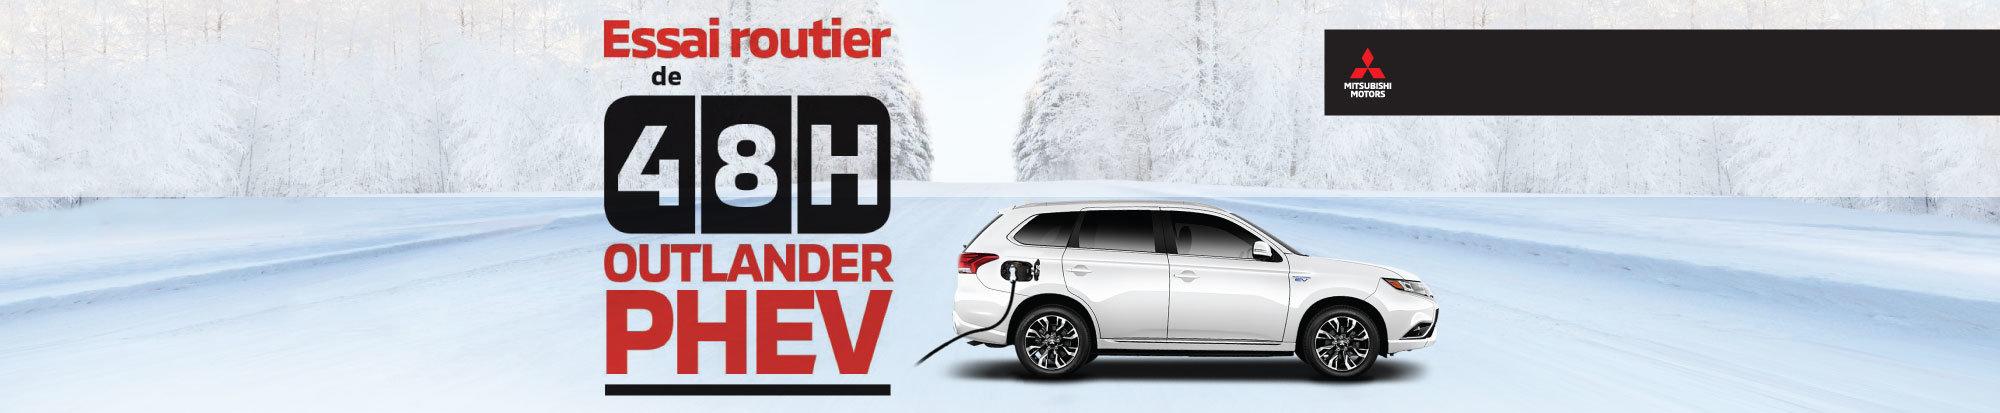 Essai routier de 48hrs - Outlander PHEV neuf! (header)